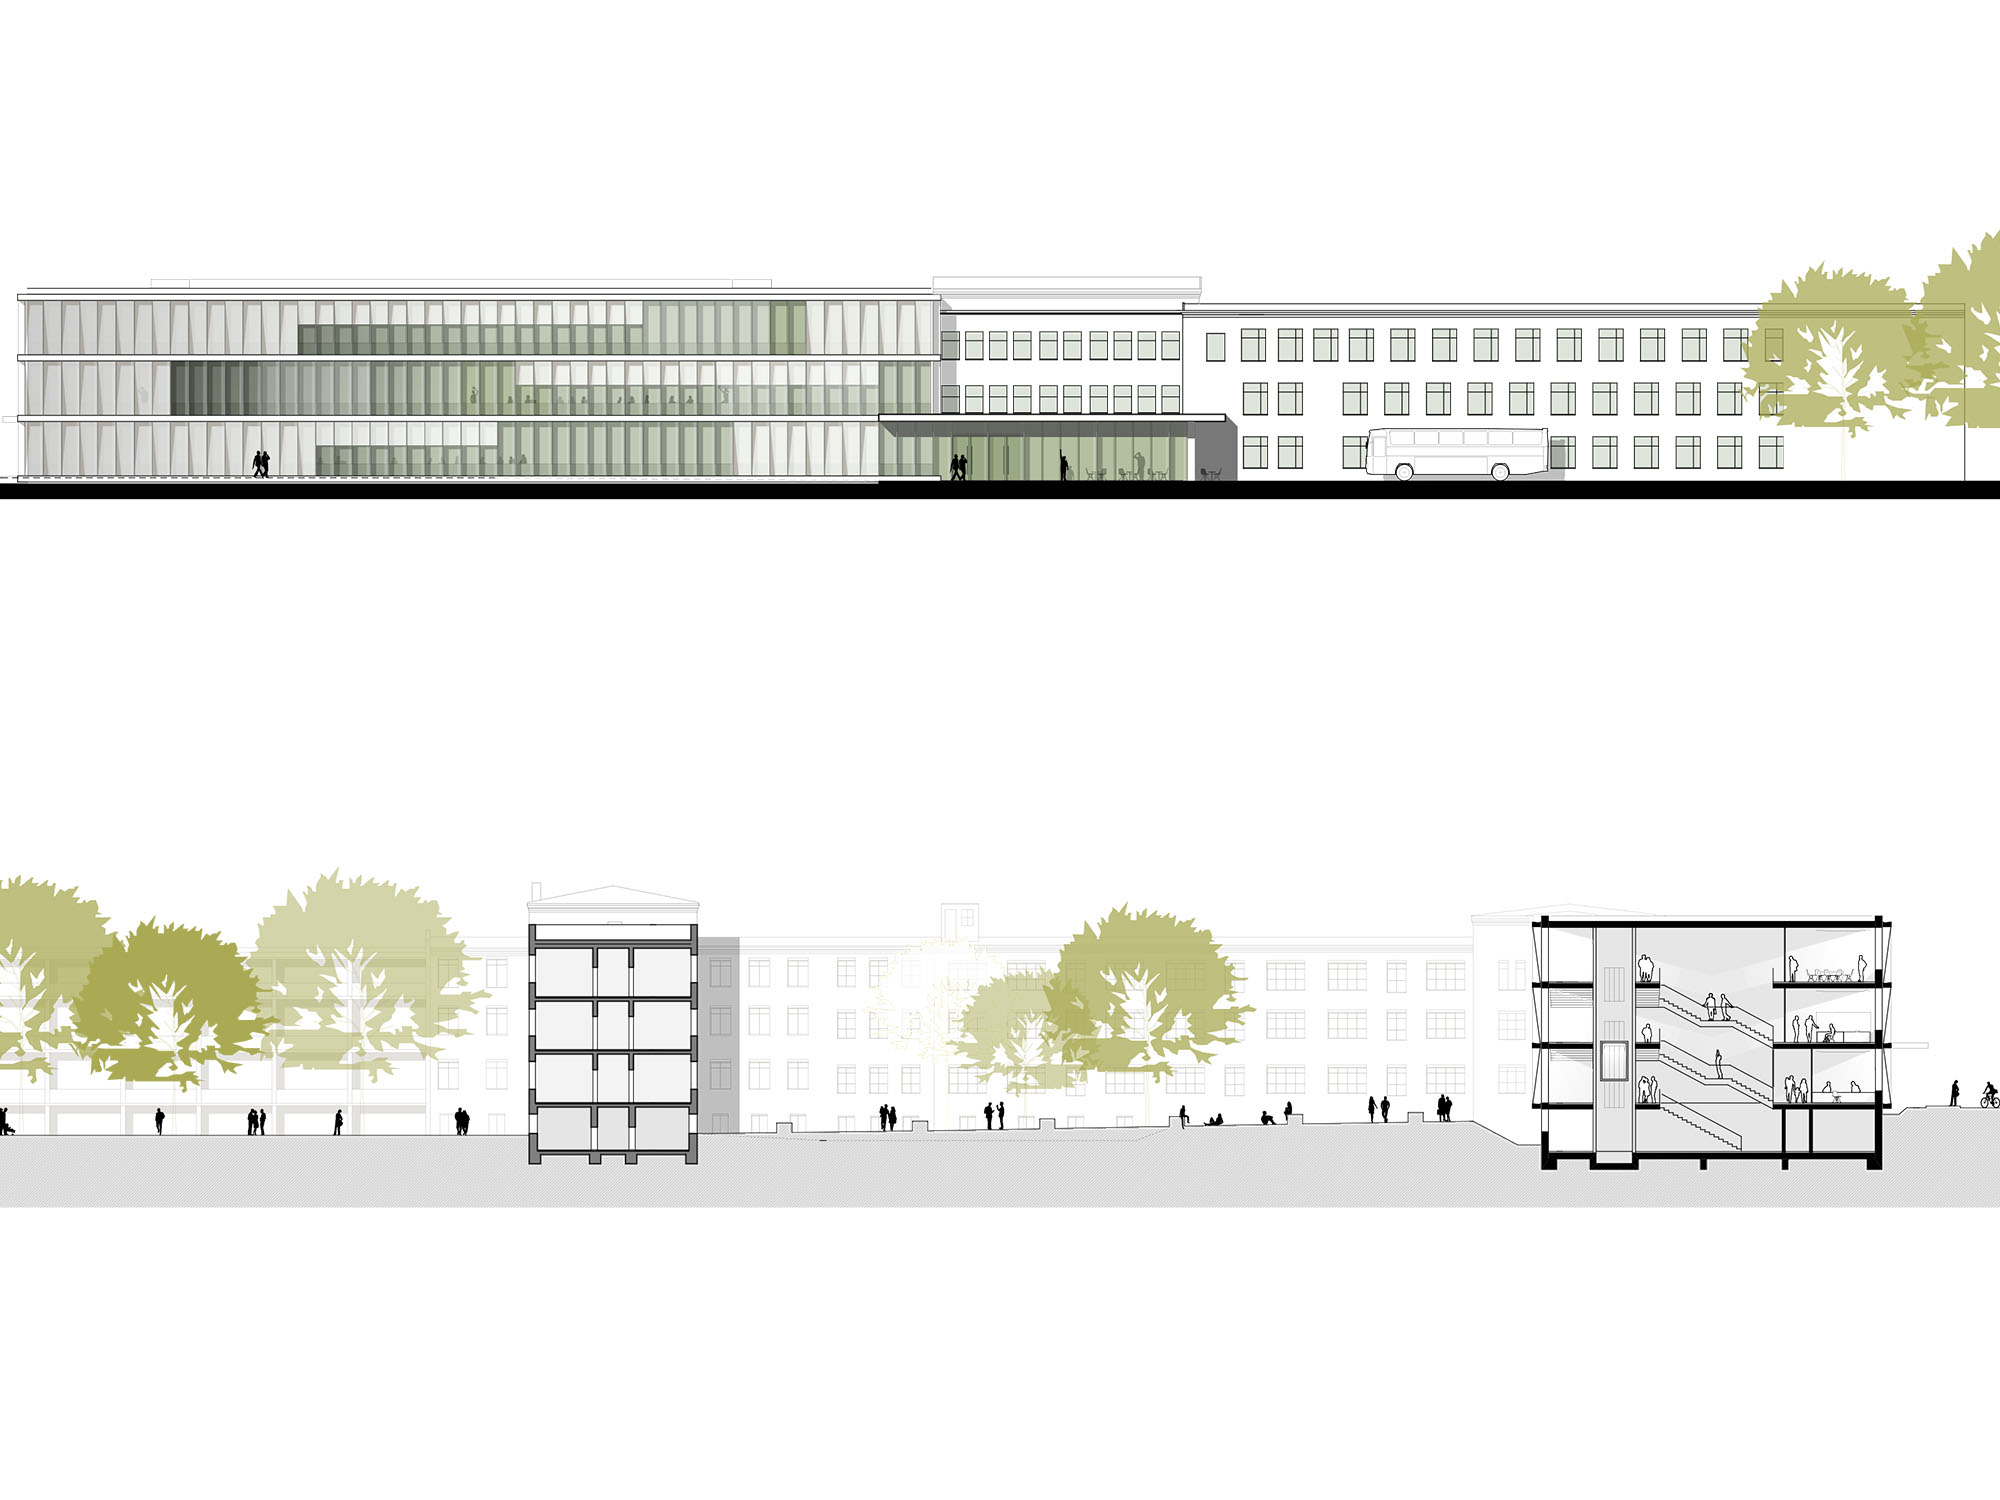 Forschungsgebäude am Robert-Rössle-Institut, Campus Berlin-Buch